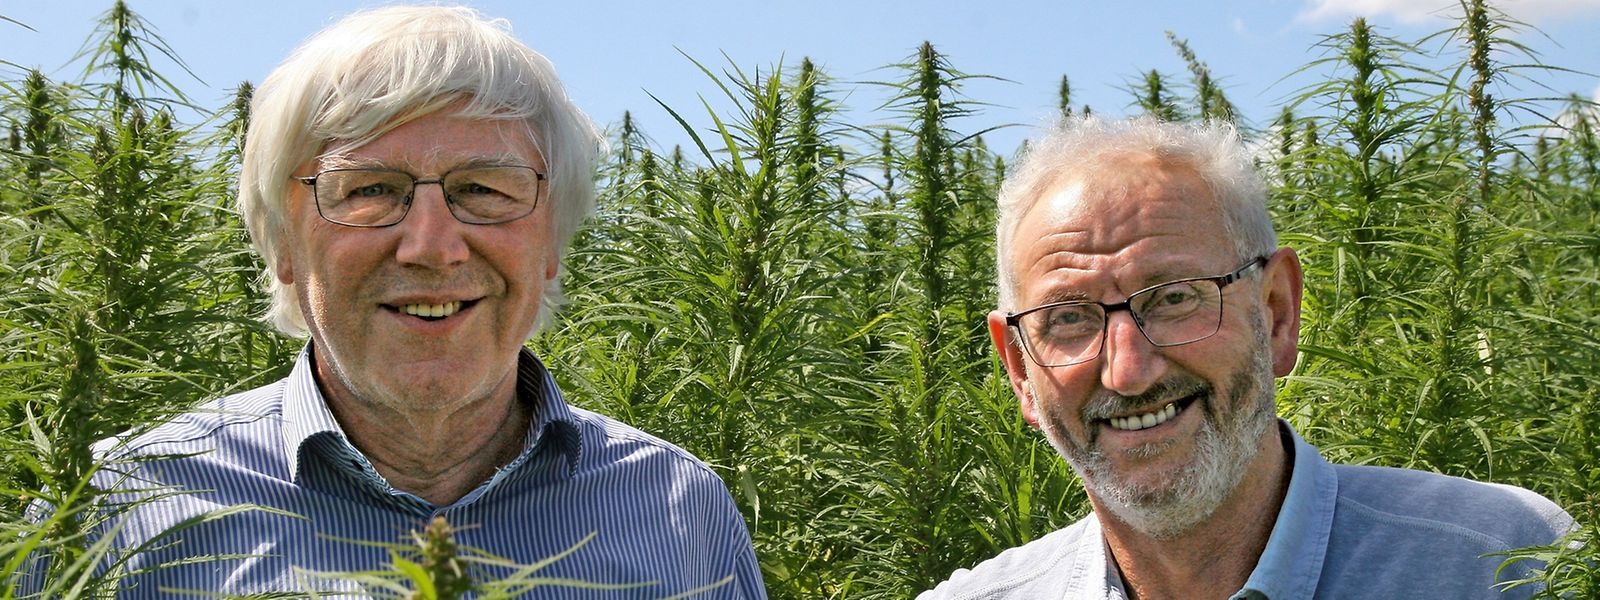 Landwirt Norbert Eilenbecker (rechts) aus Kalborn im Norden Luxemburgs ist der einzige verbliebene einheimische Hanfpionier. Zusammen mit dem Biologen André Steinmetz (links) betreibt er das Unternehmen Cannad'Our.